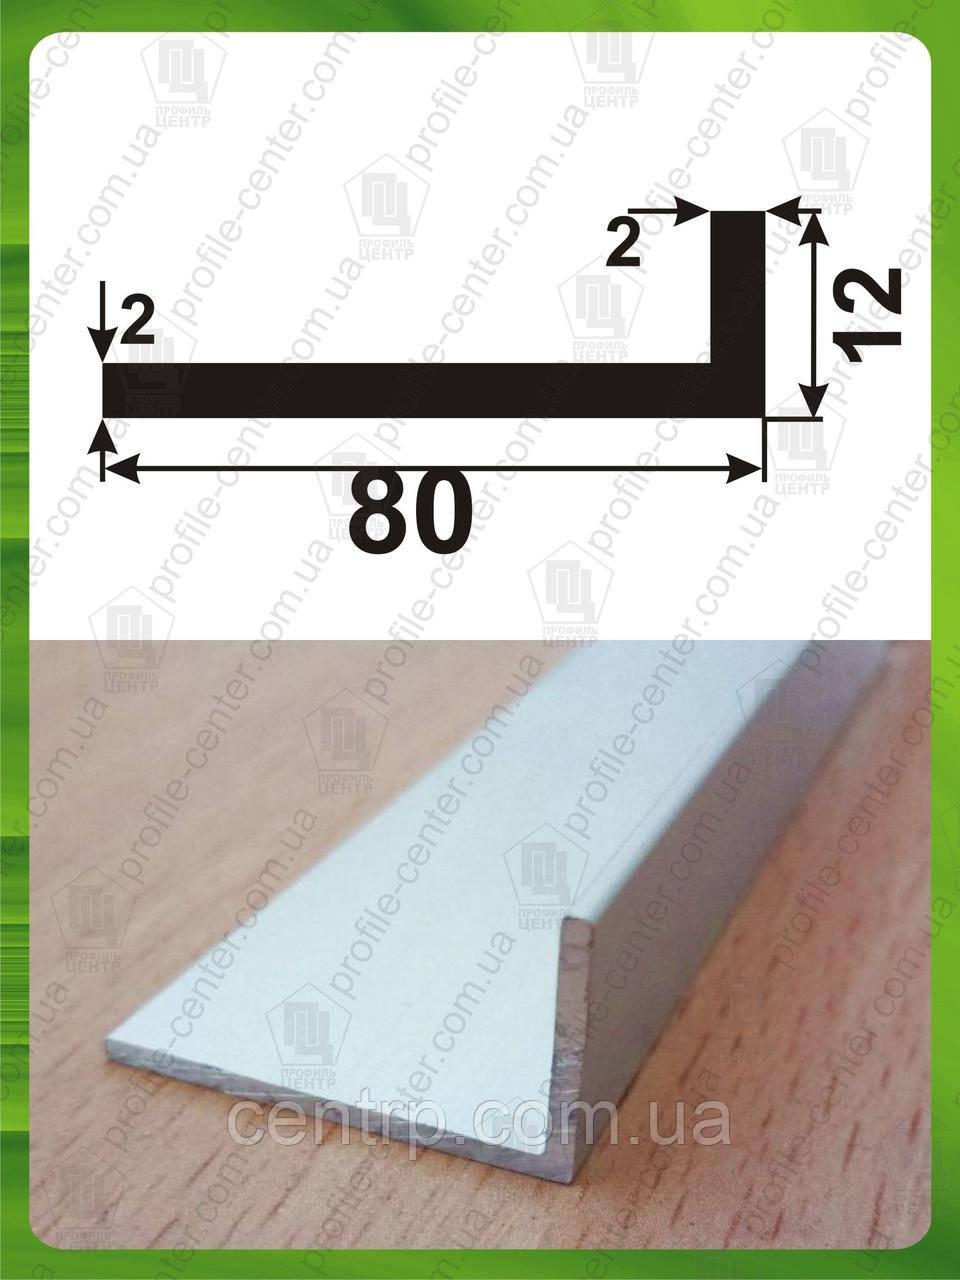 Уголок алюминиевый 80*12*2 разнополочный (разносторонний)